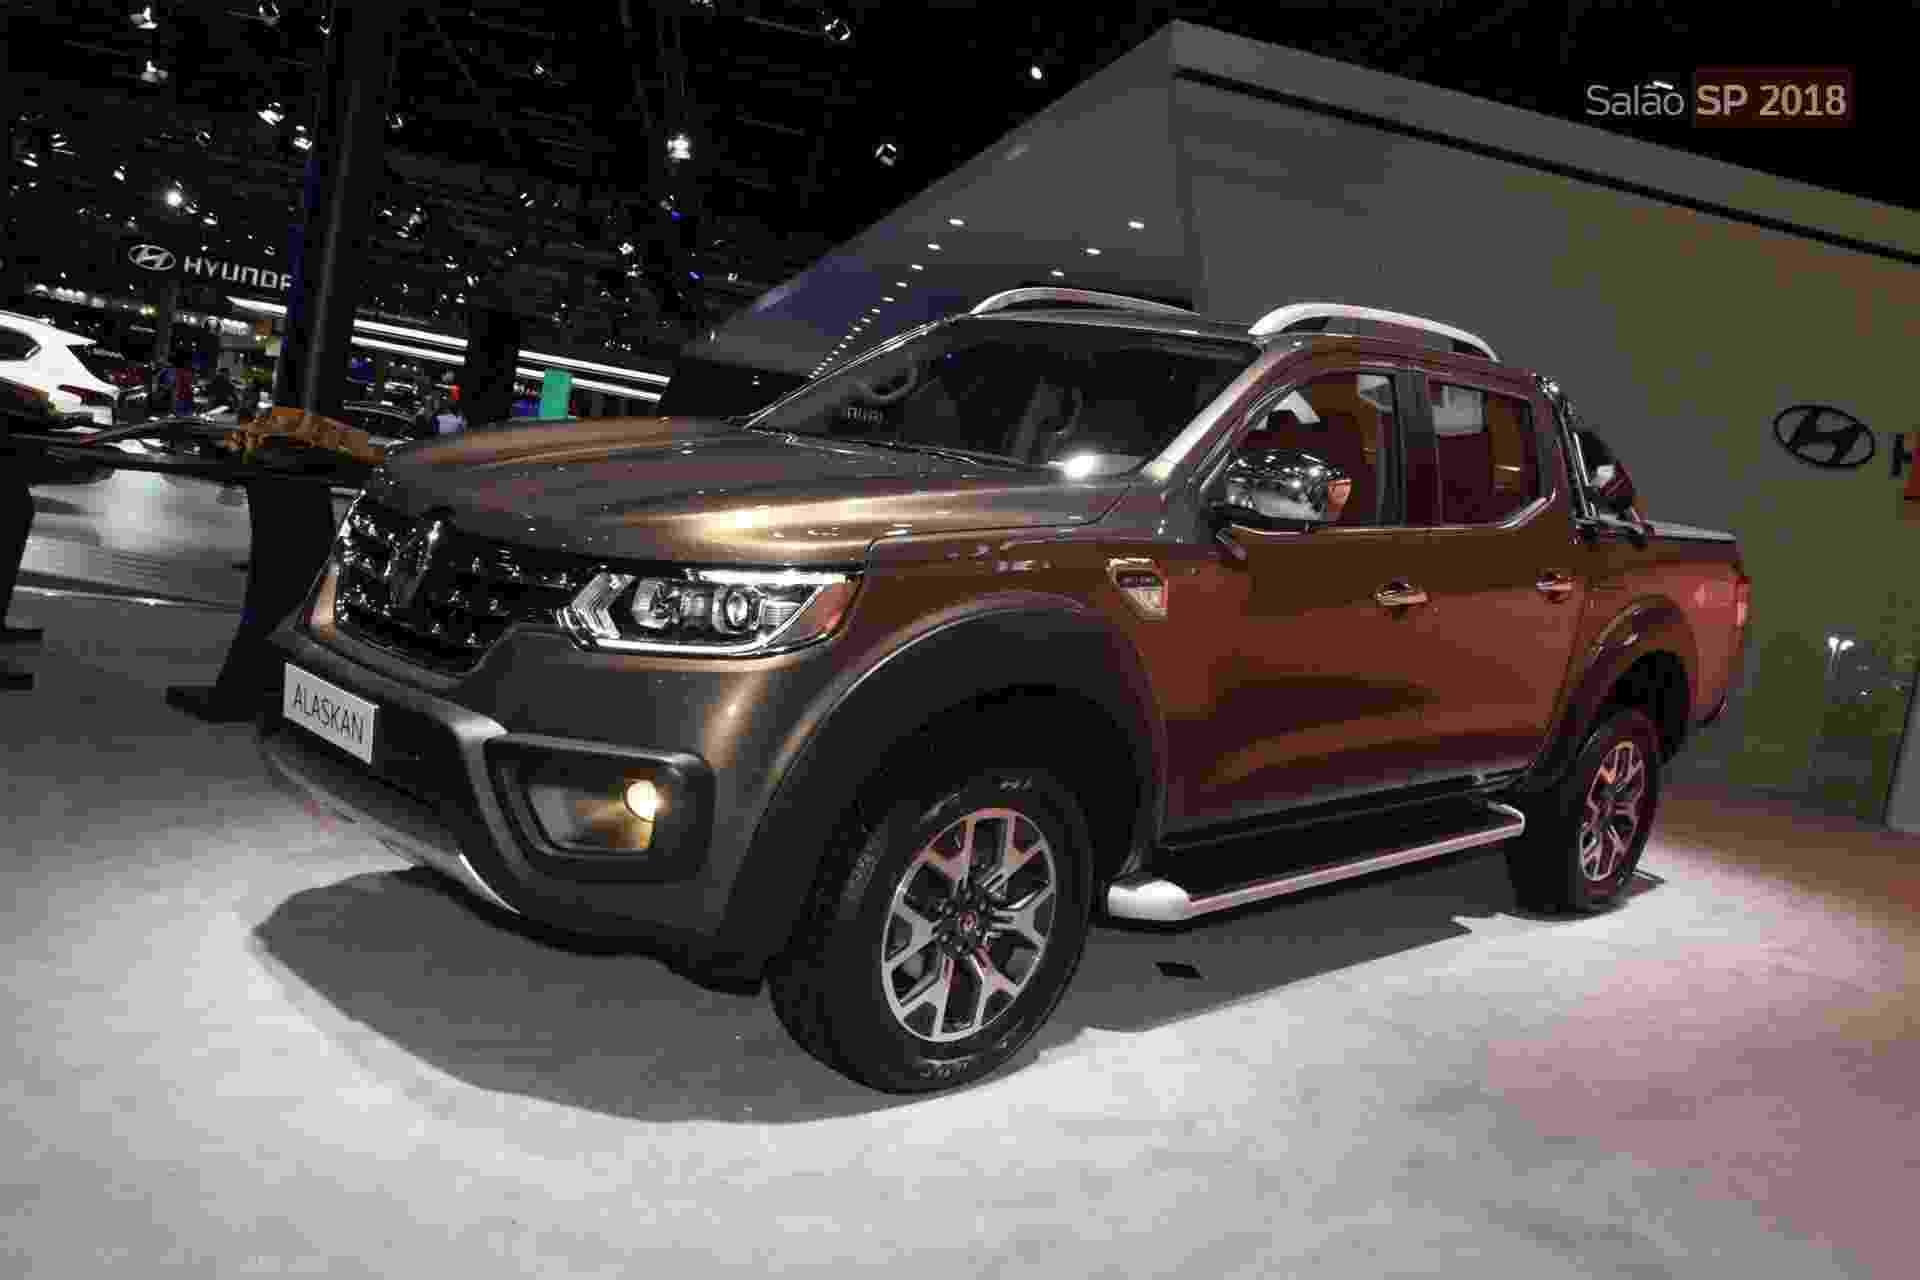 Renault Alaskan - Murilo Góes/UOL